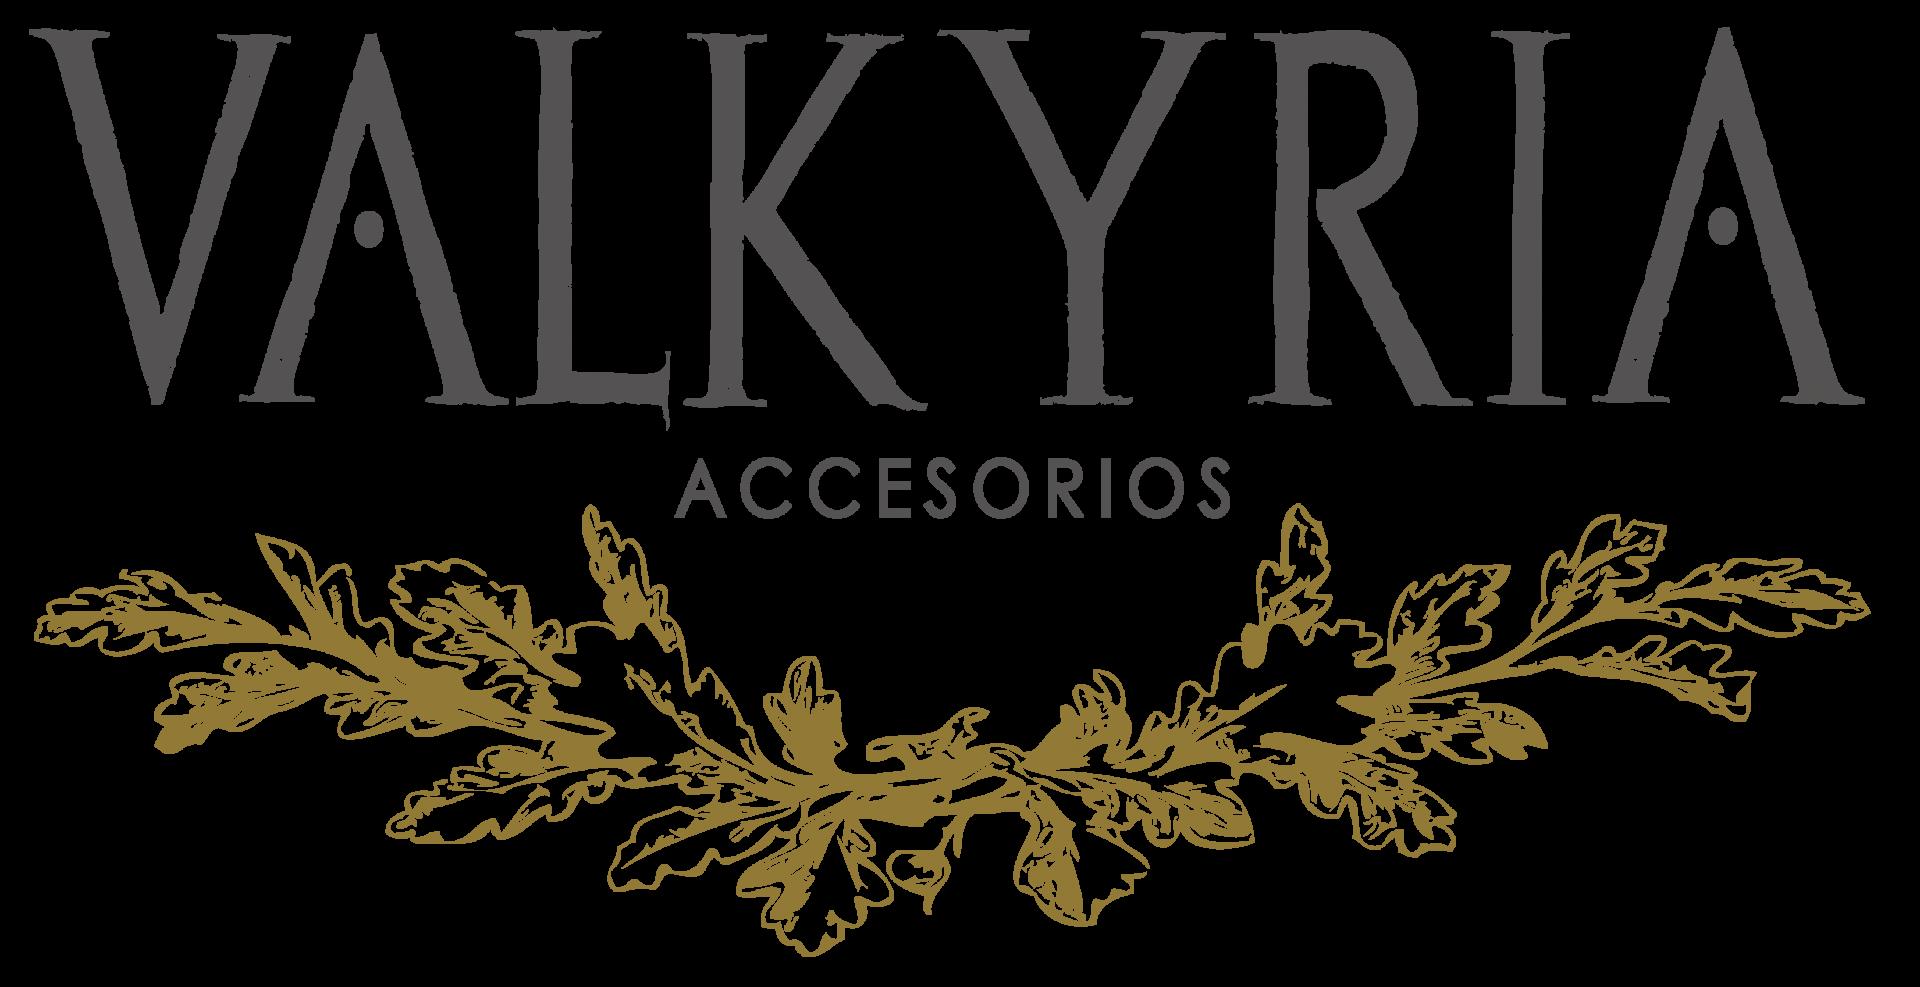 Valkyria Accesorios